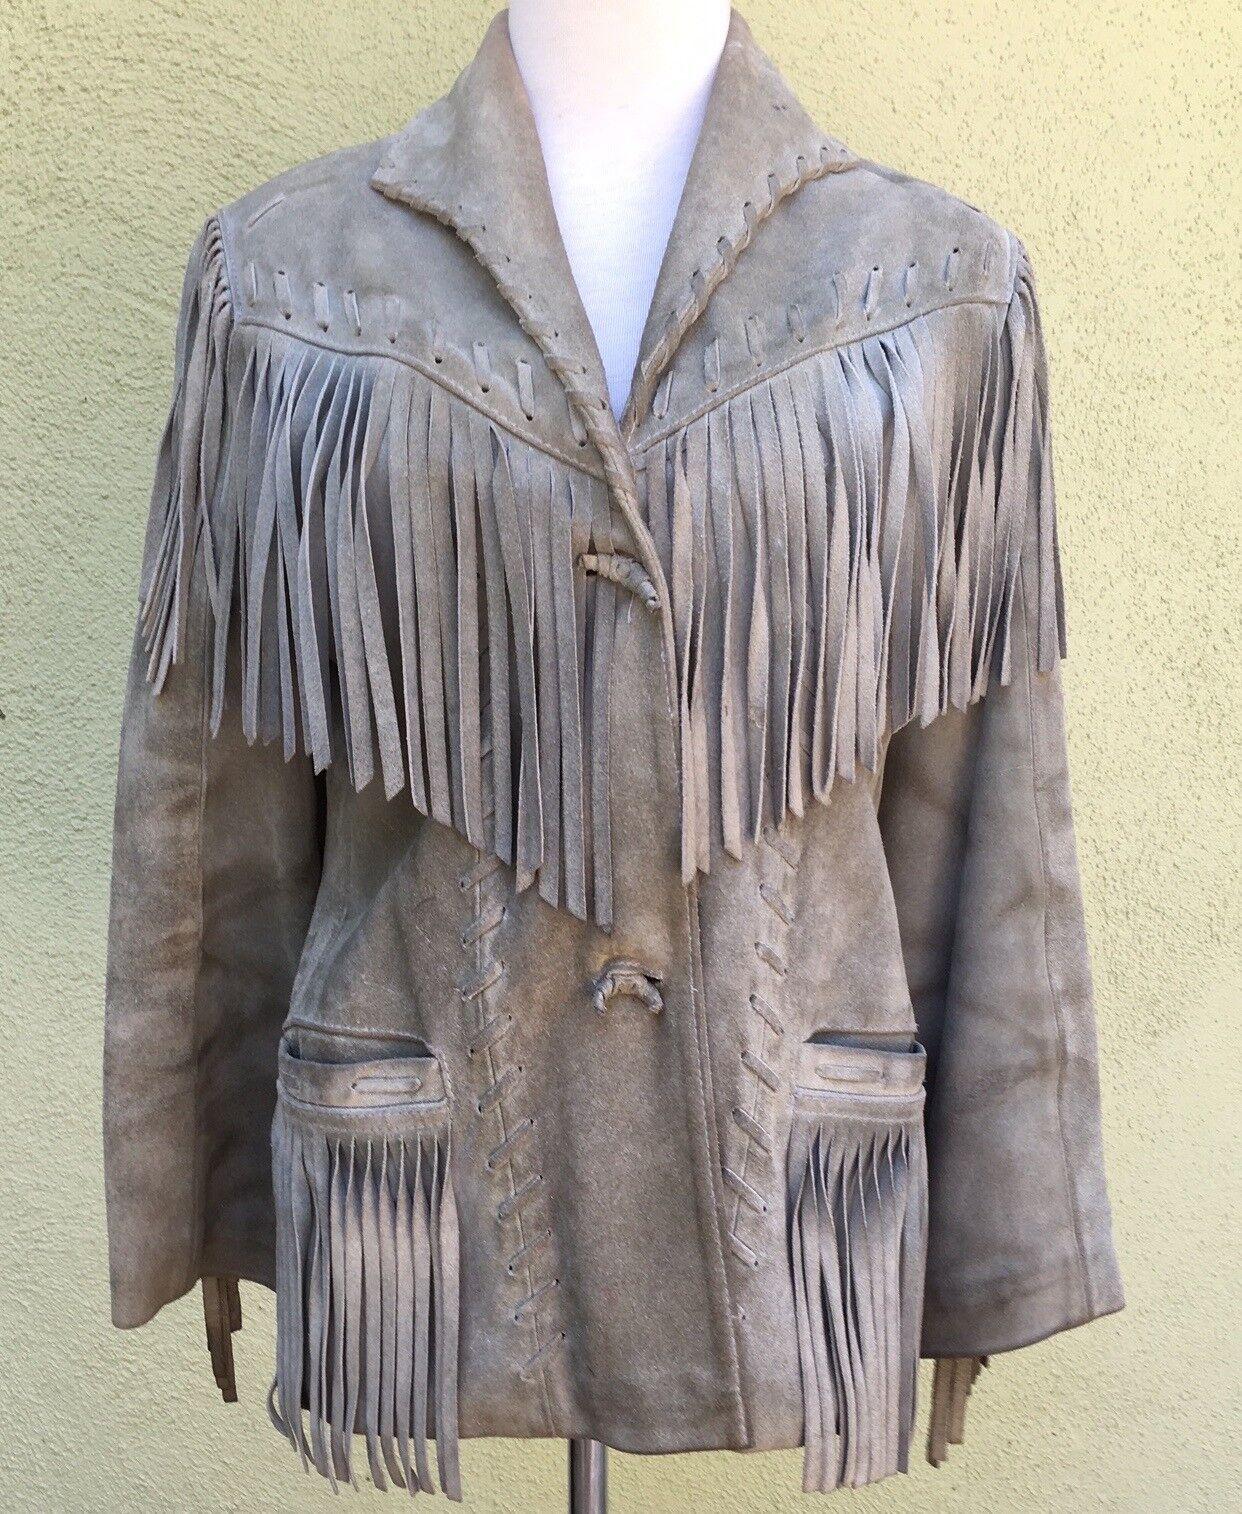 Vintage Western Fringed Leather Jacket - image 1